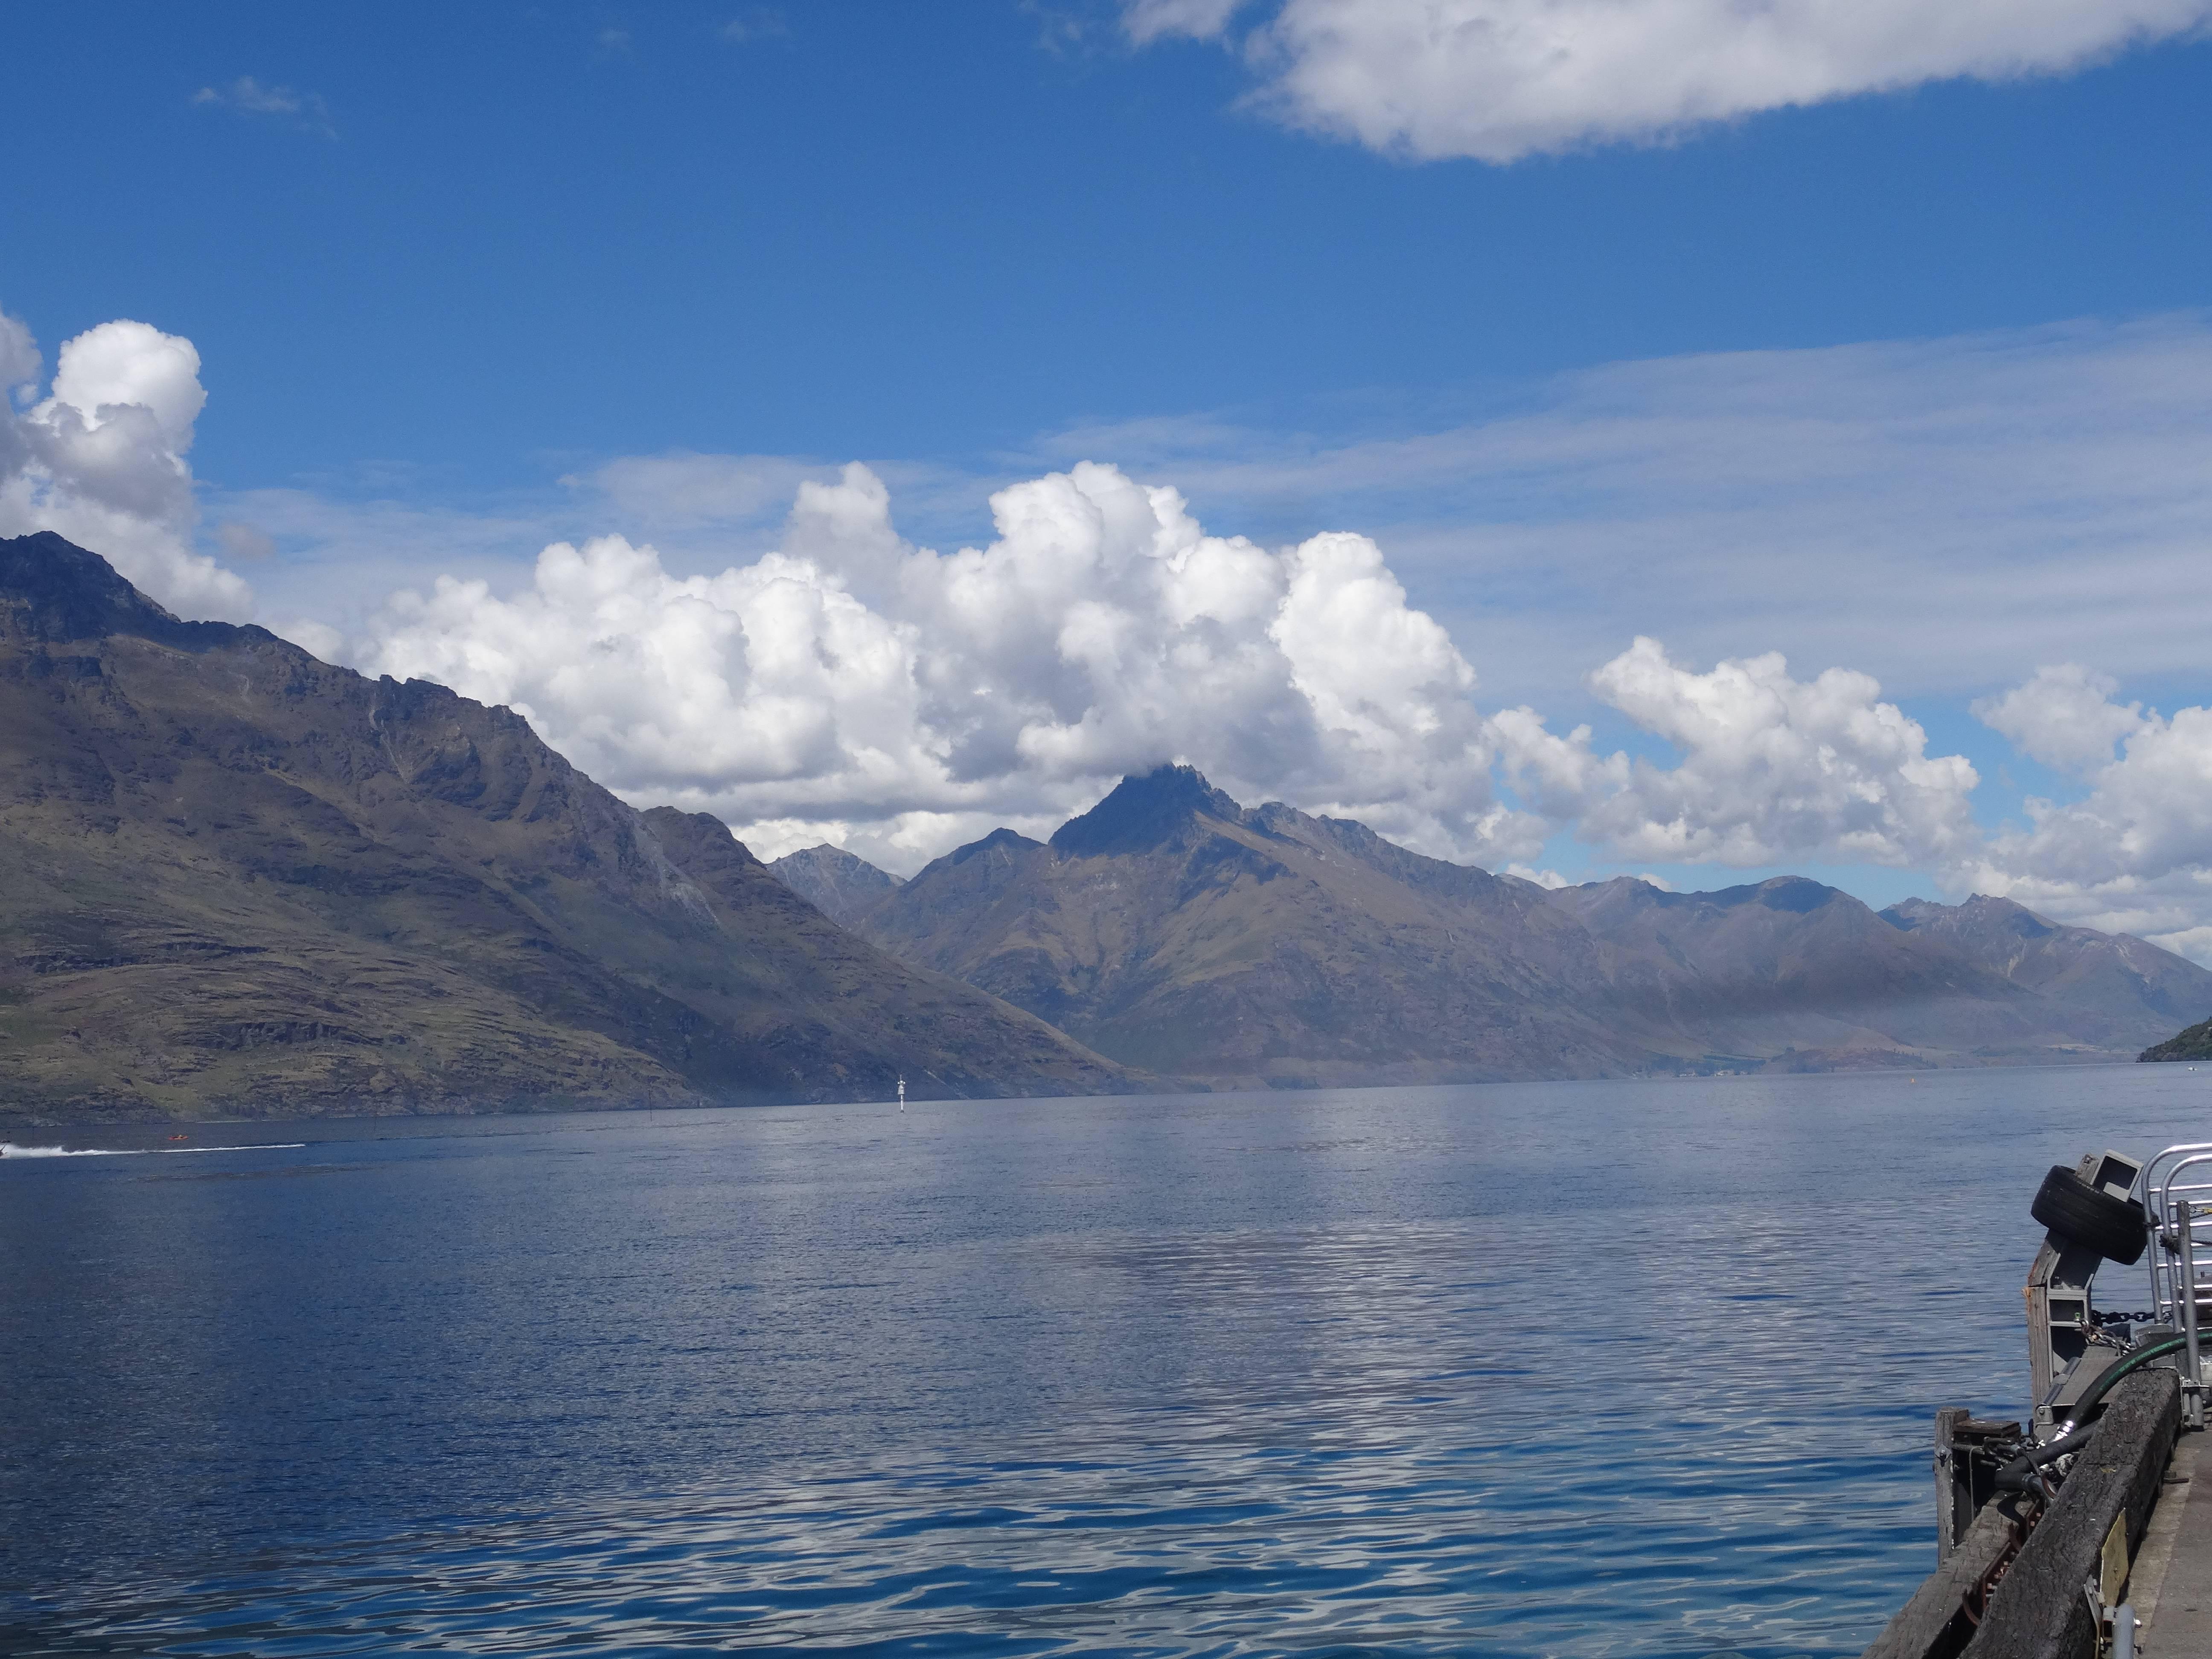 Photo 2: Queenstown, Nouvelle-Zélande, la St-Moritz des antipodes